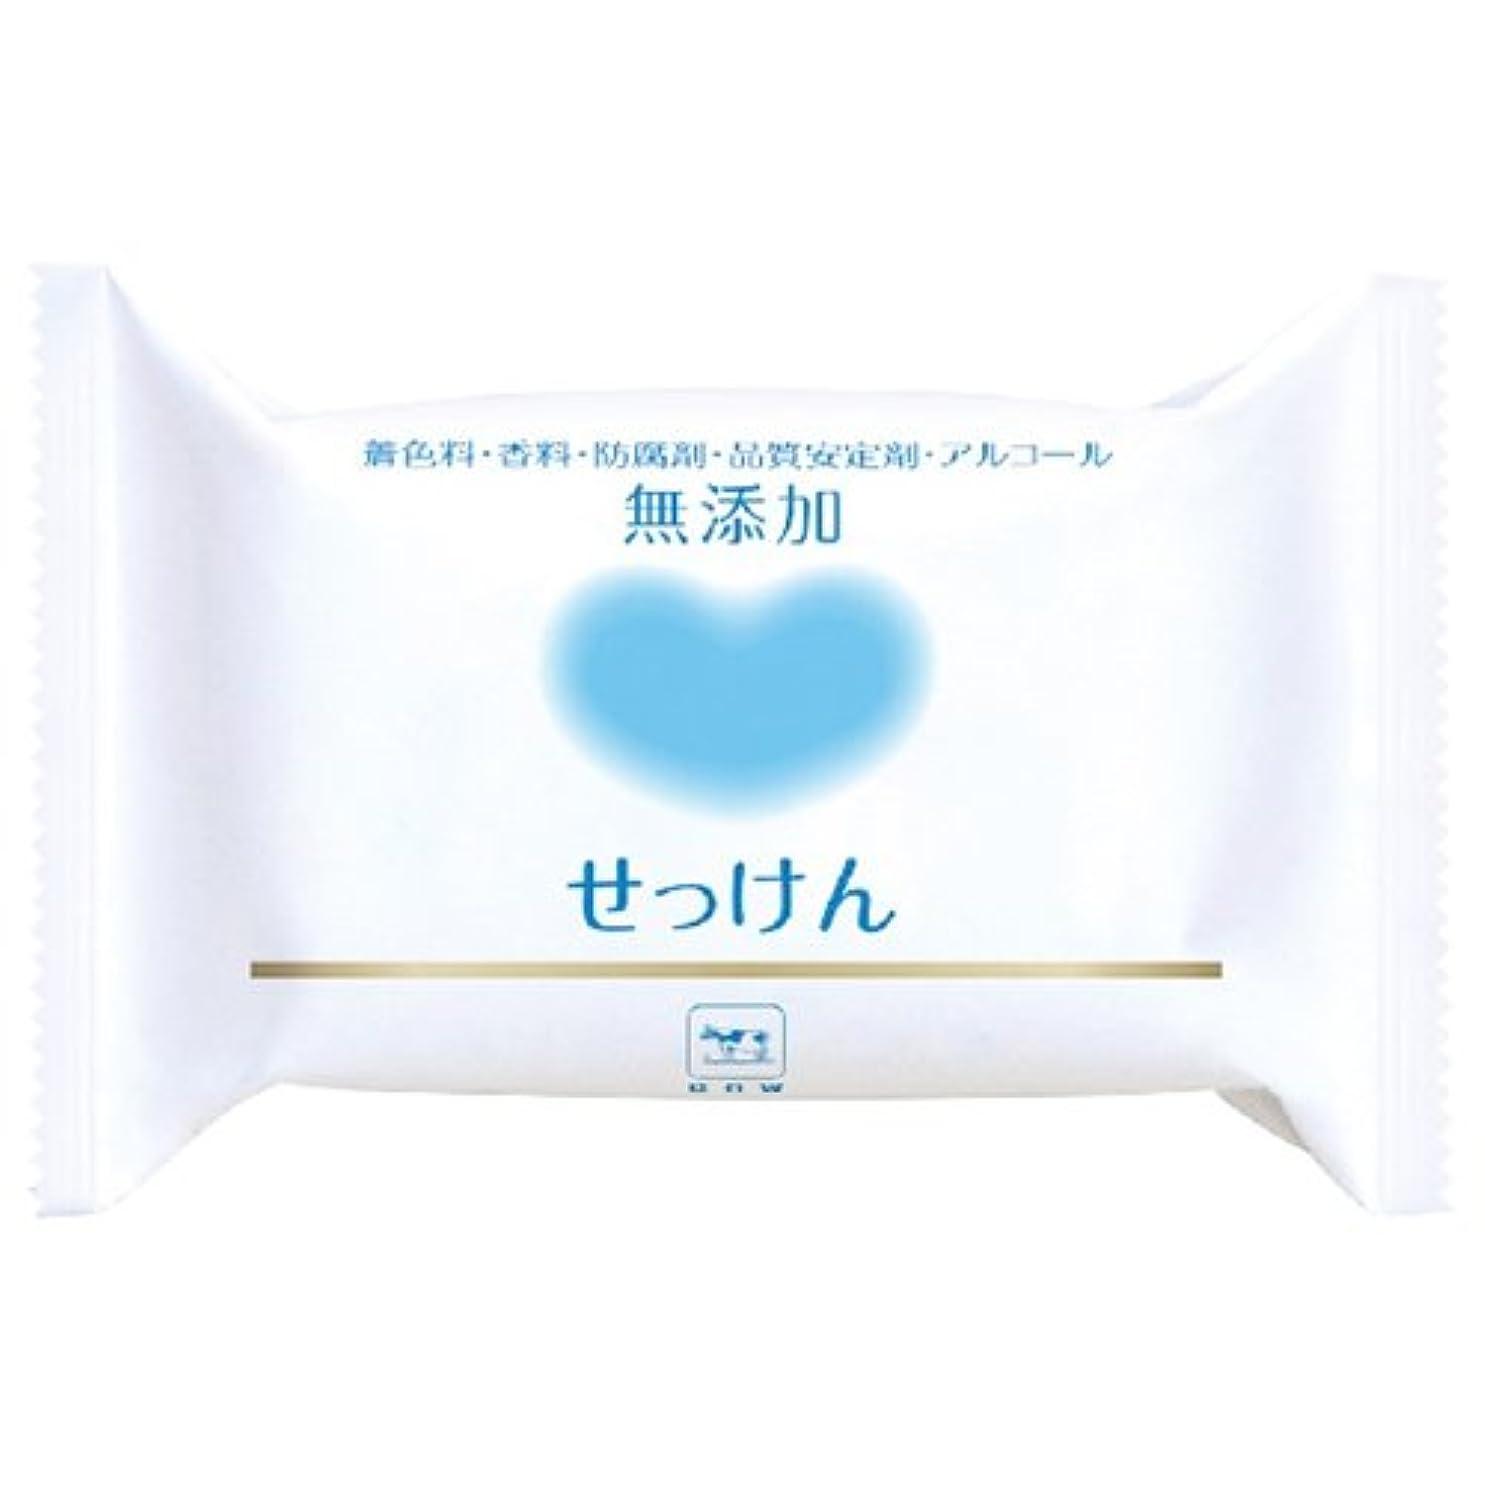 牛乳石鹸共進社 カウブランド 無添加せっけん 100g (1個)×72点セット (4901525383011)